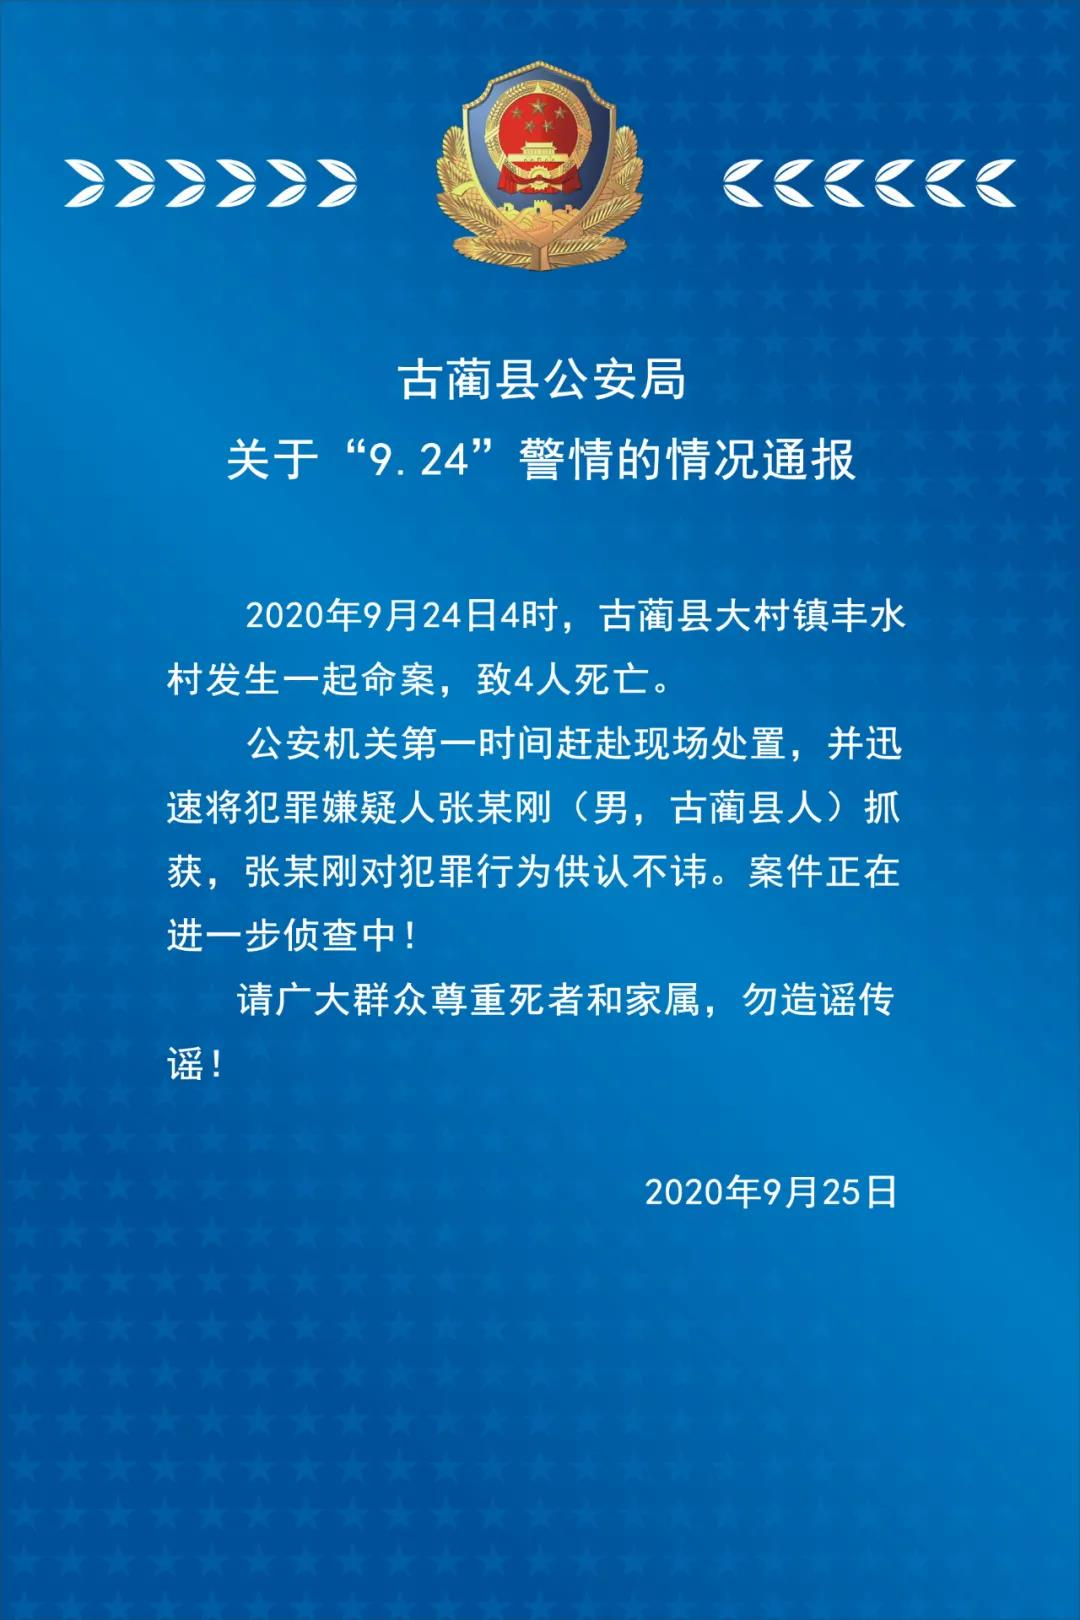 四川古蔺发生命案致4人死亡 犯罪嫌疑人已被抓获图片